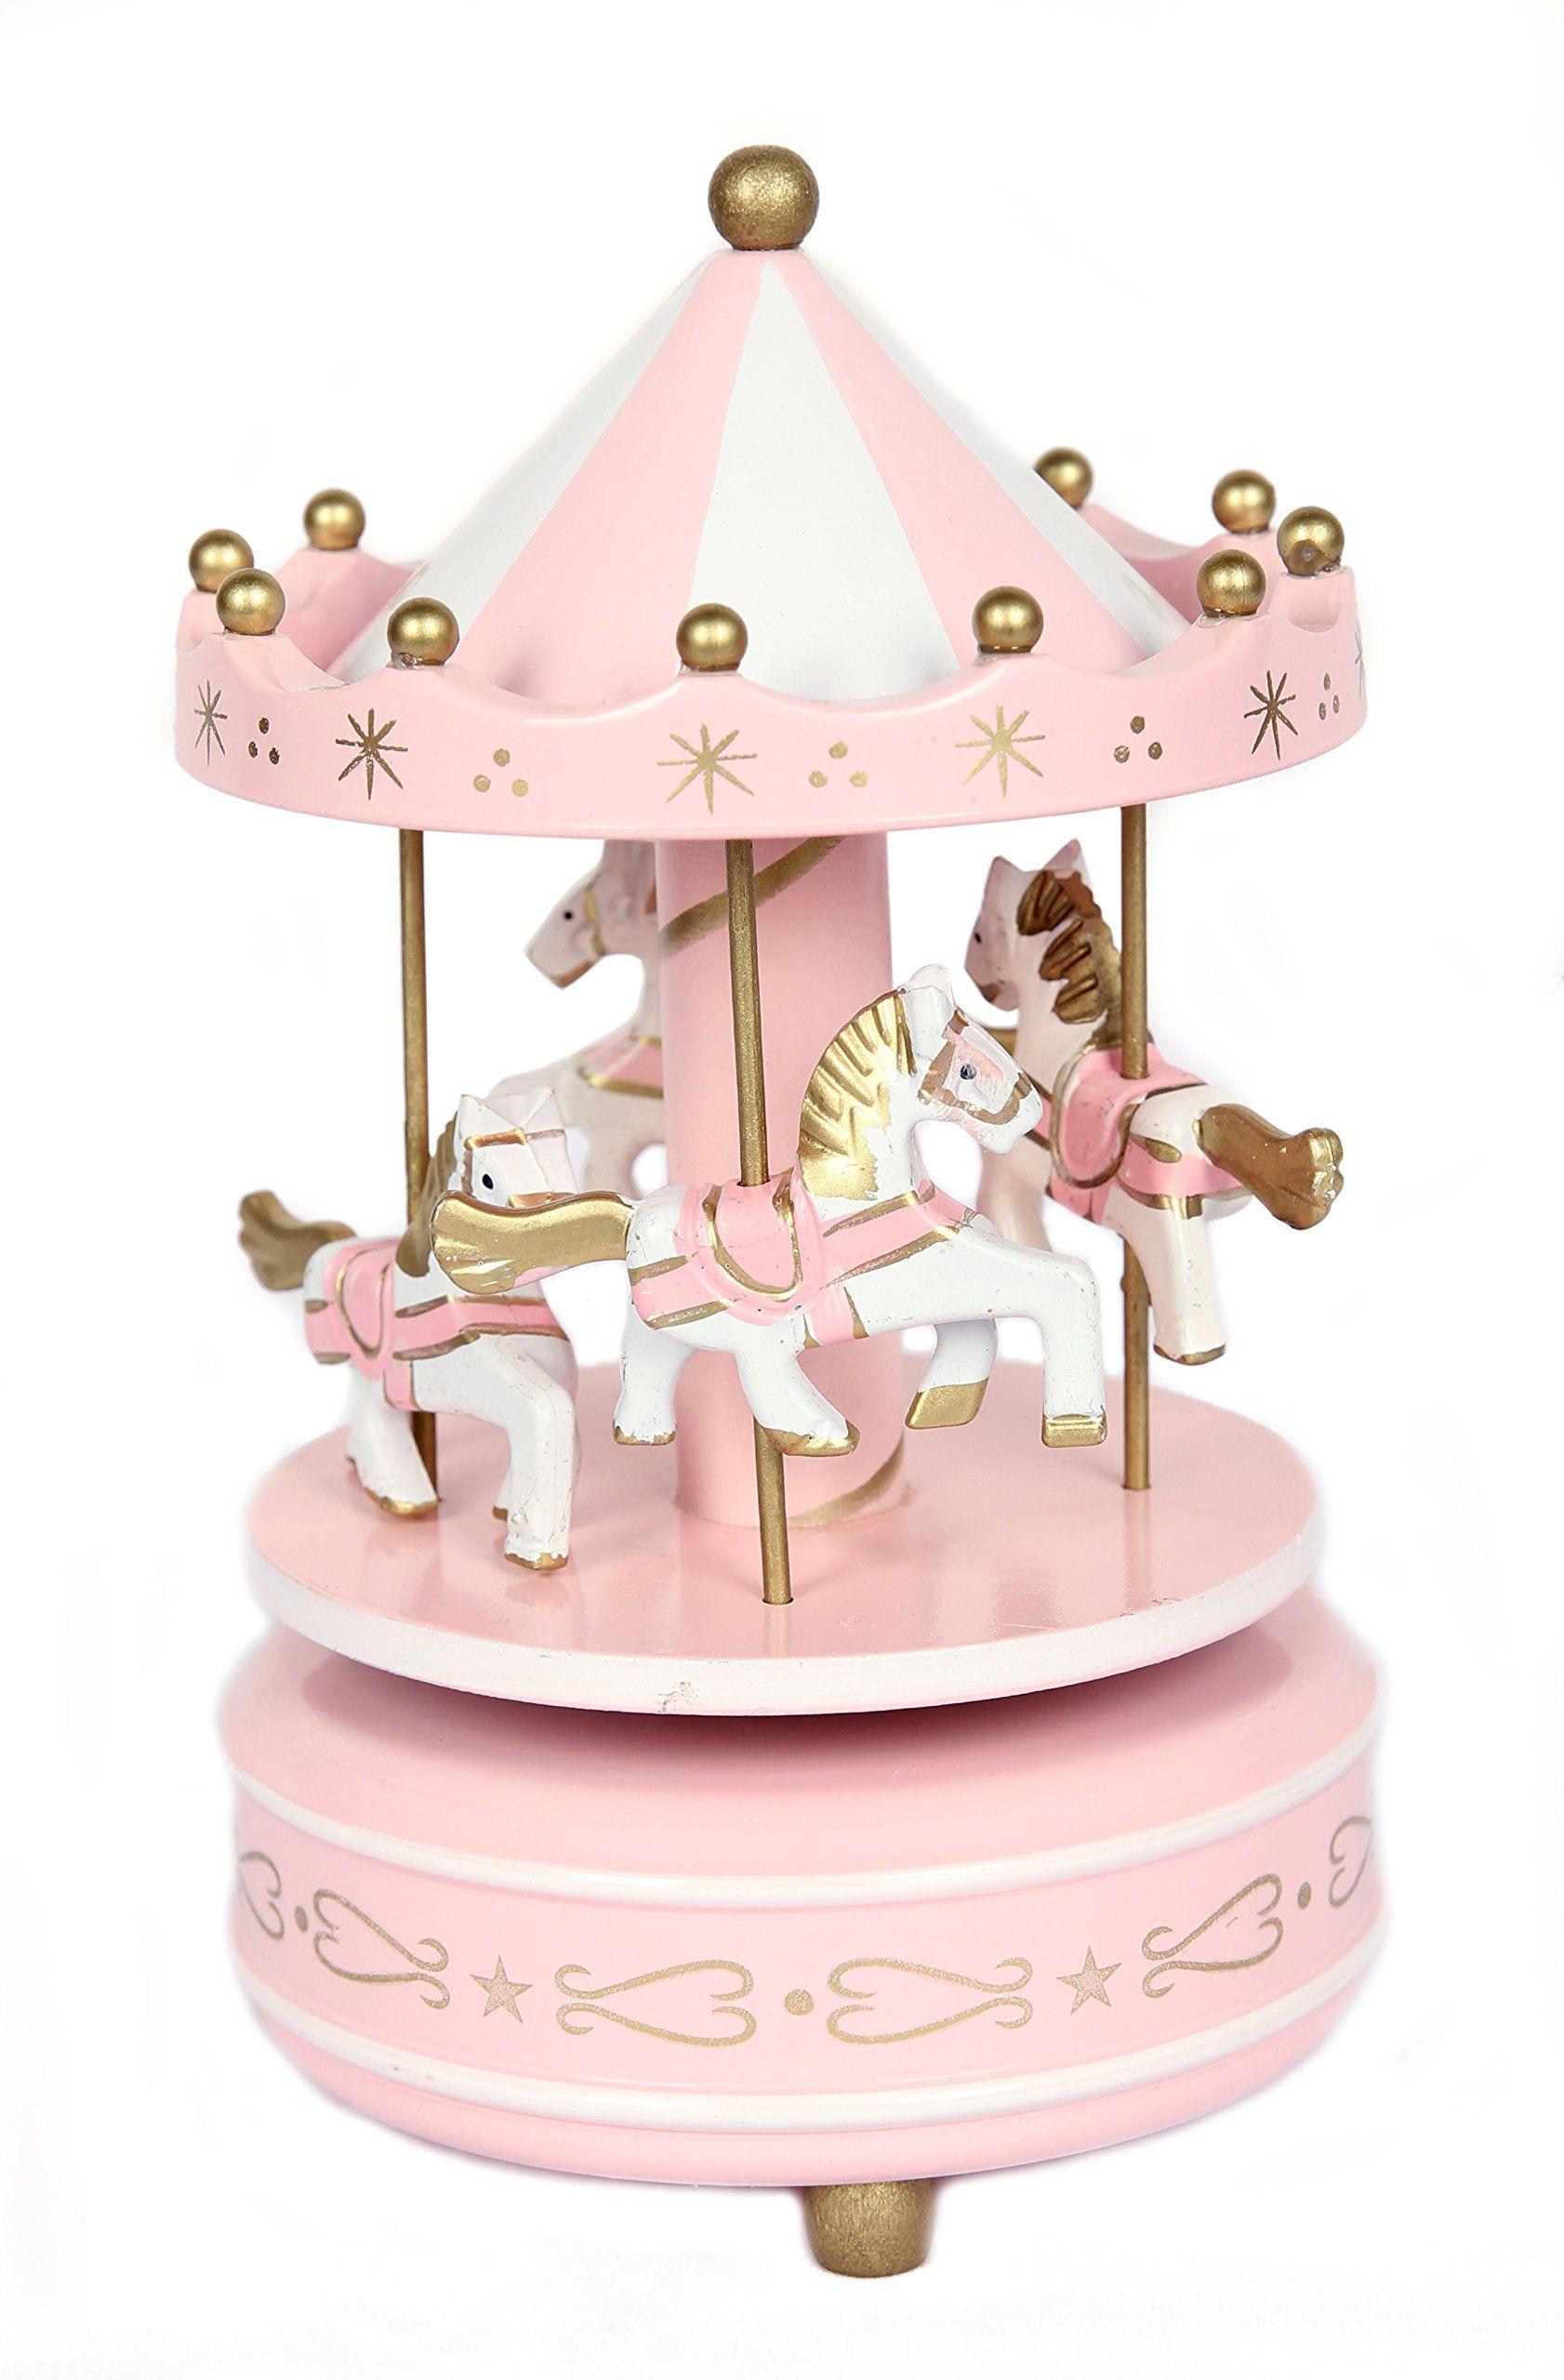 Ebros Neverland Unicorns /& Pegasus Vintage Musical Rotating Carousel Figurine